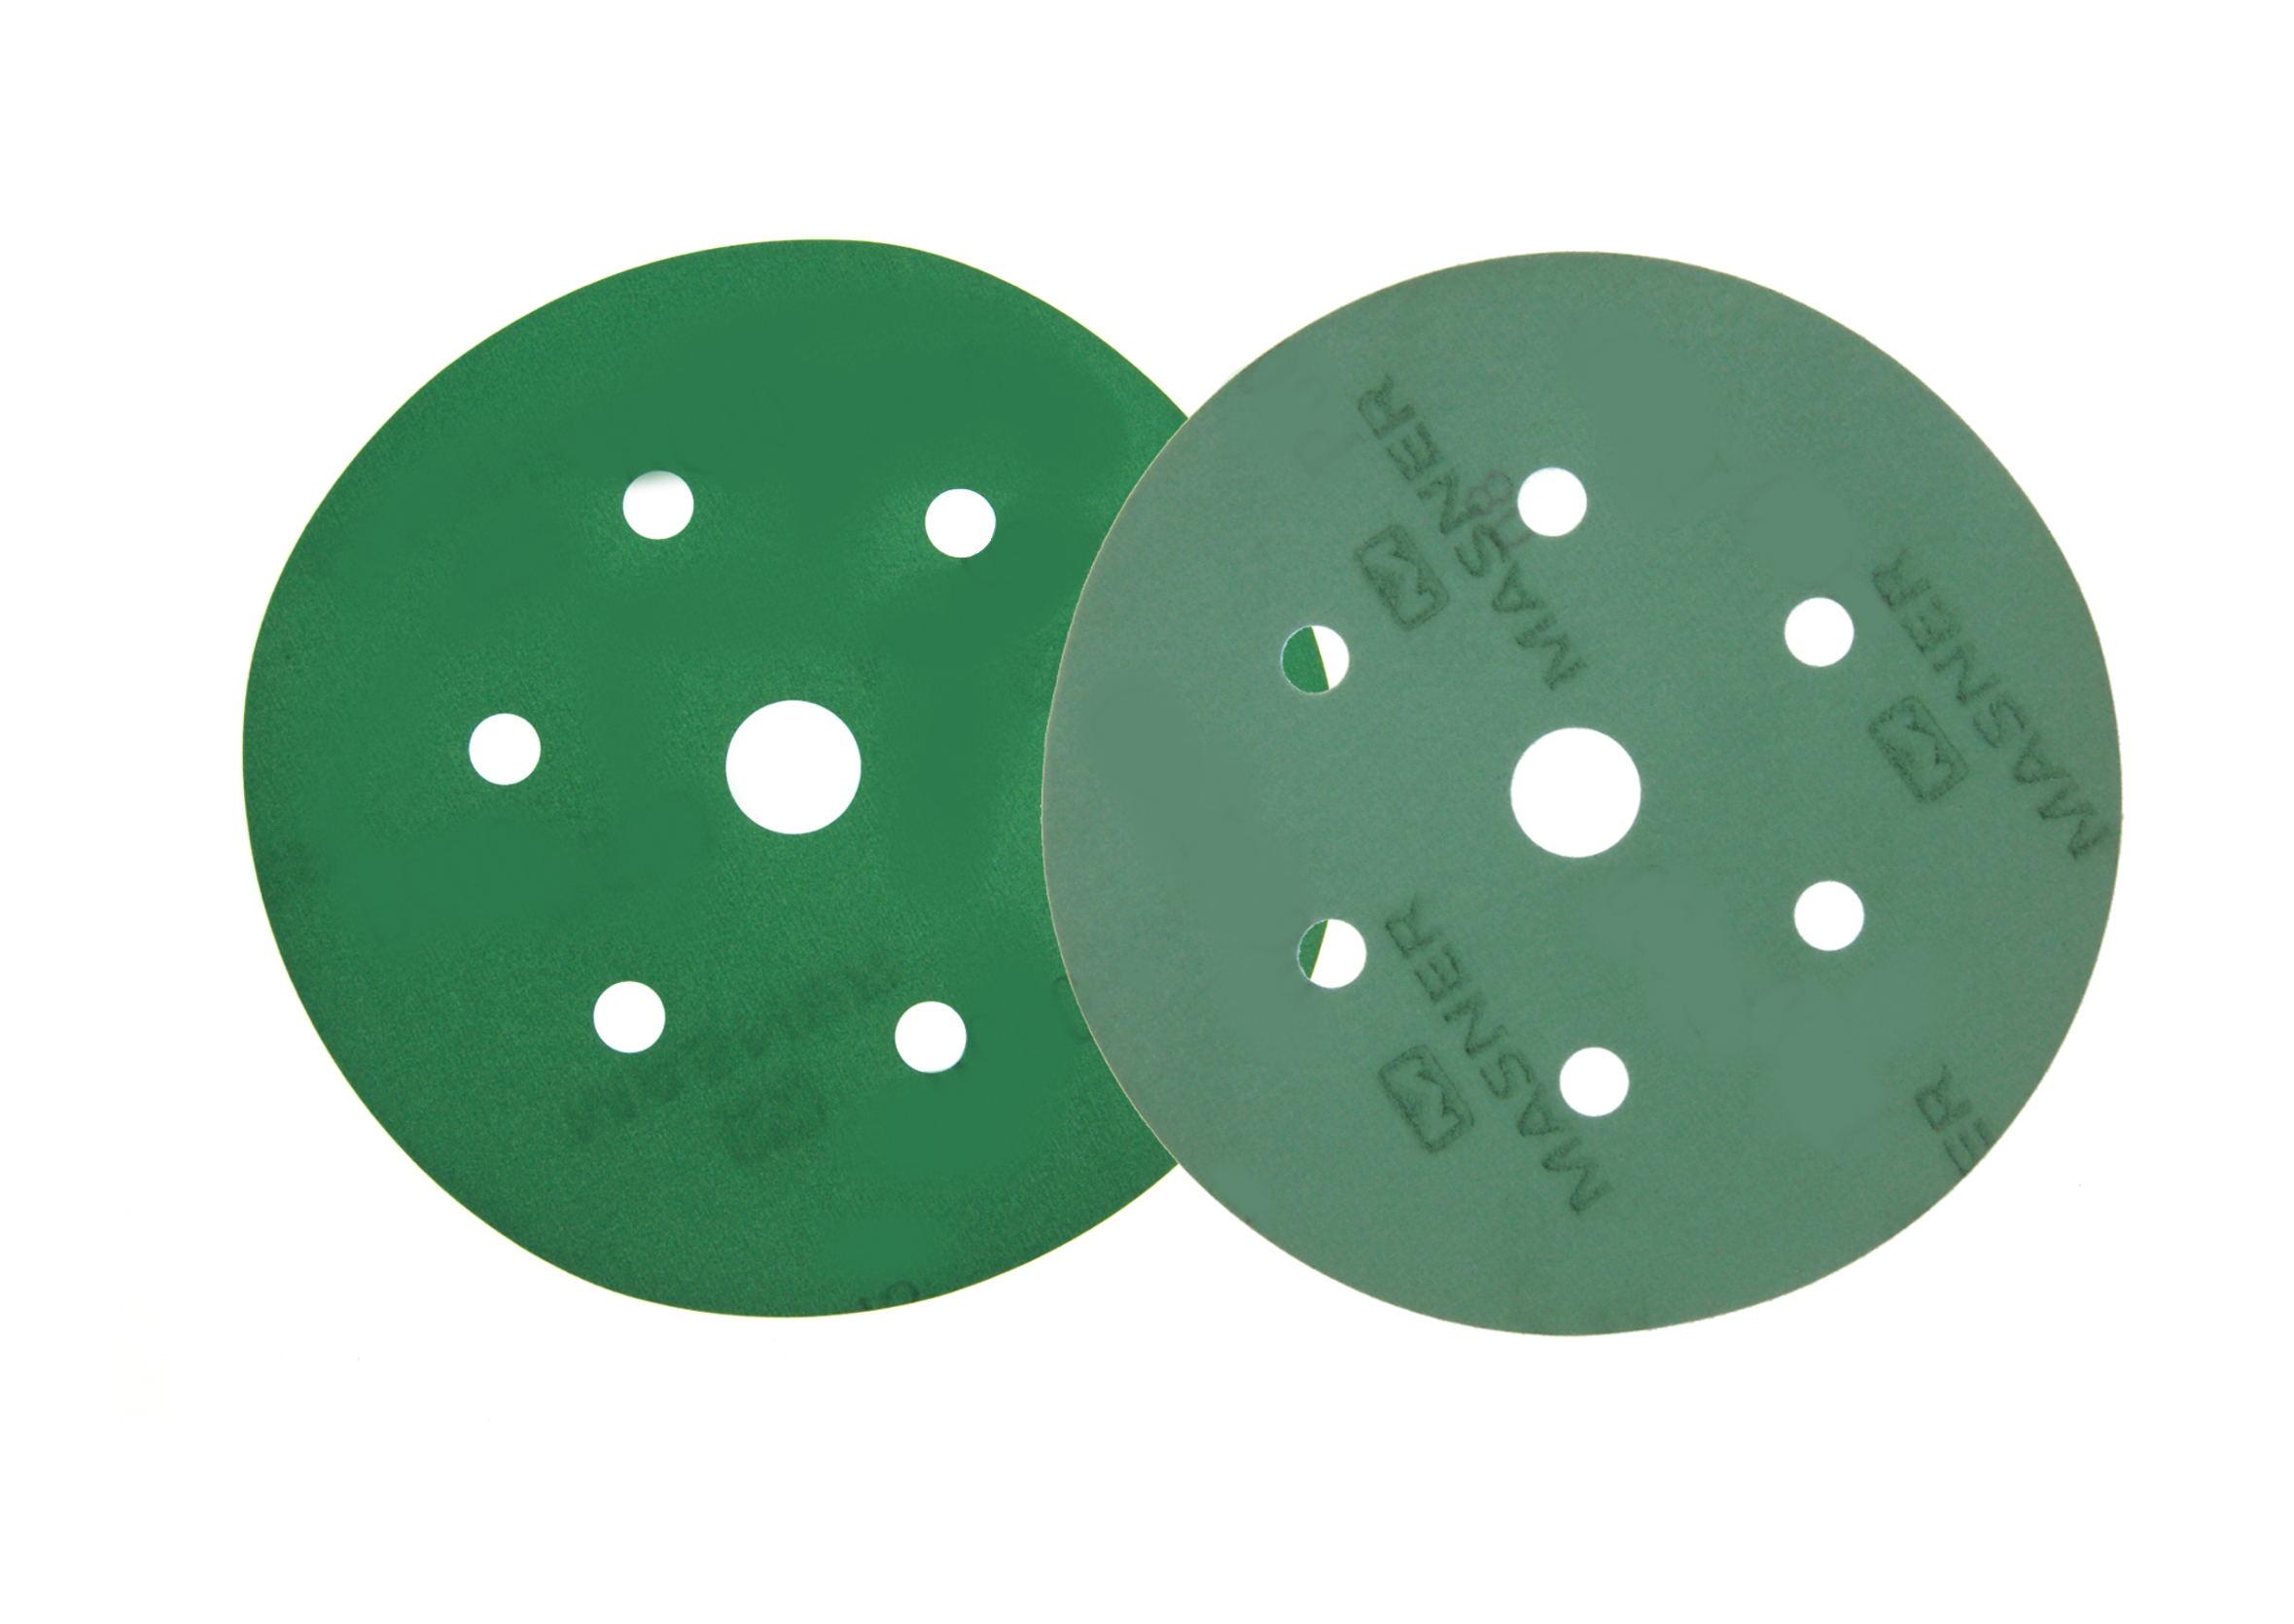 K2 Krążek ścierny 150mm gradacja 100 otwory 6+1 krążki ścierne na folii na rzep